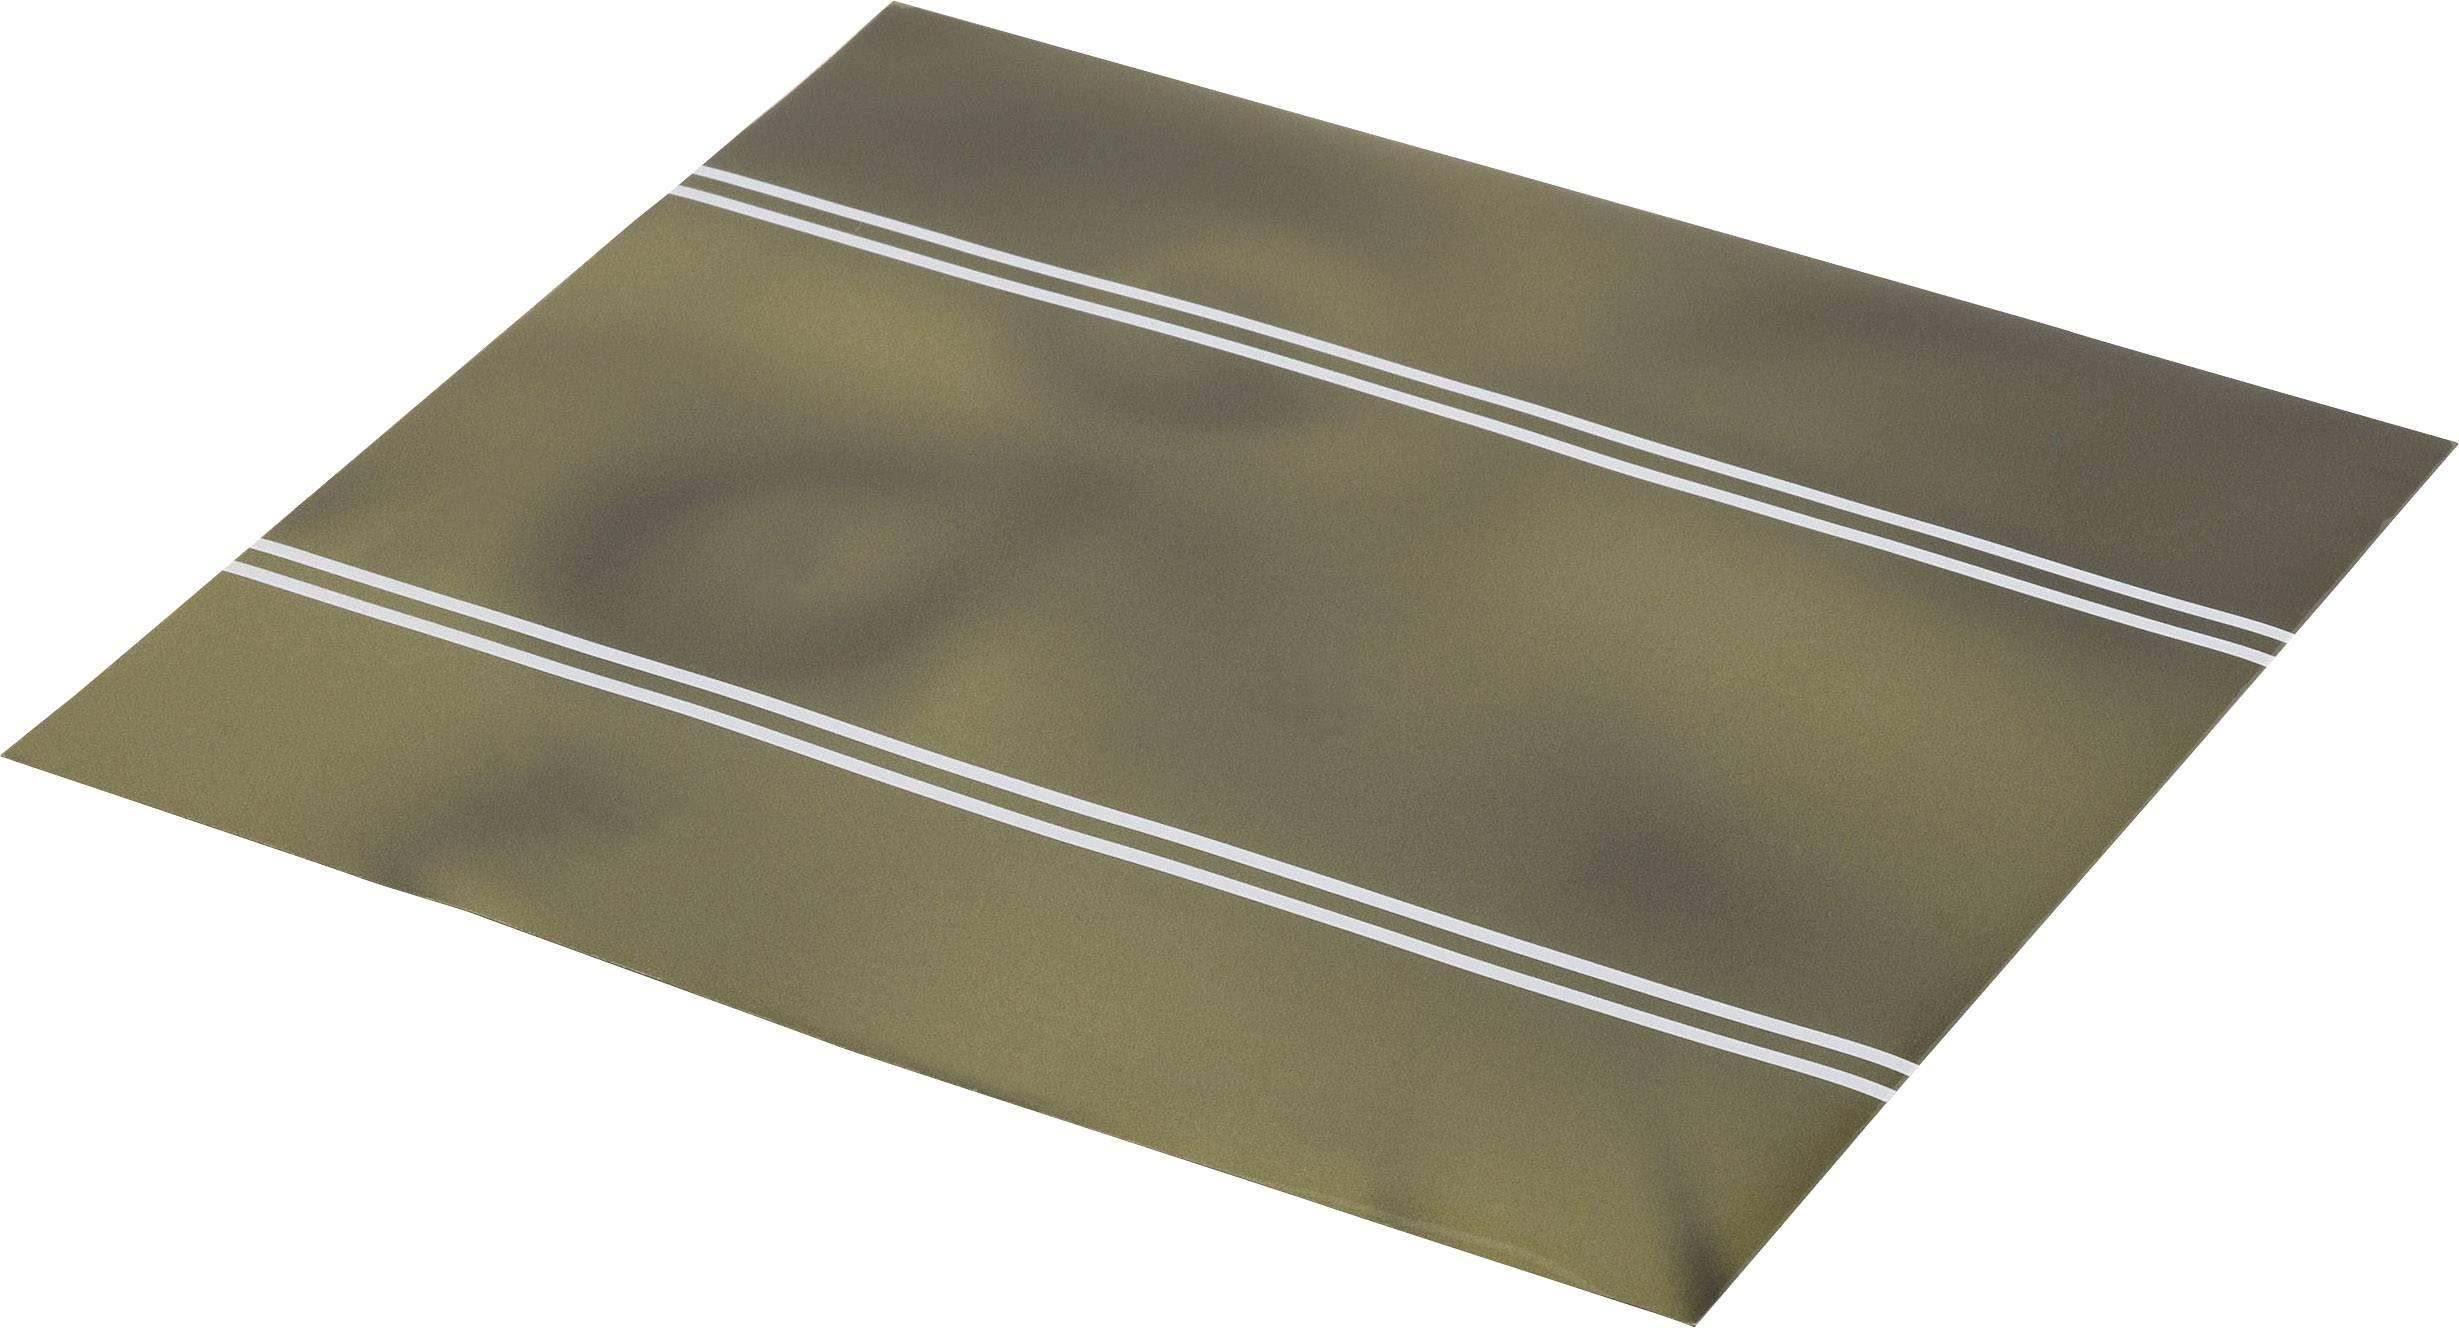 Fólie pro indikaci magnetického pole TRU COMPONENTS 1565488, (d x š) 35 cm x 20 cm